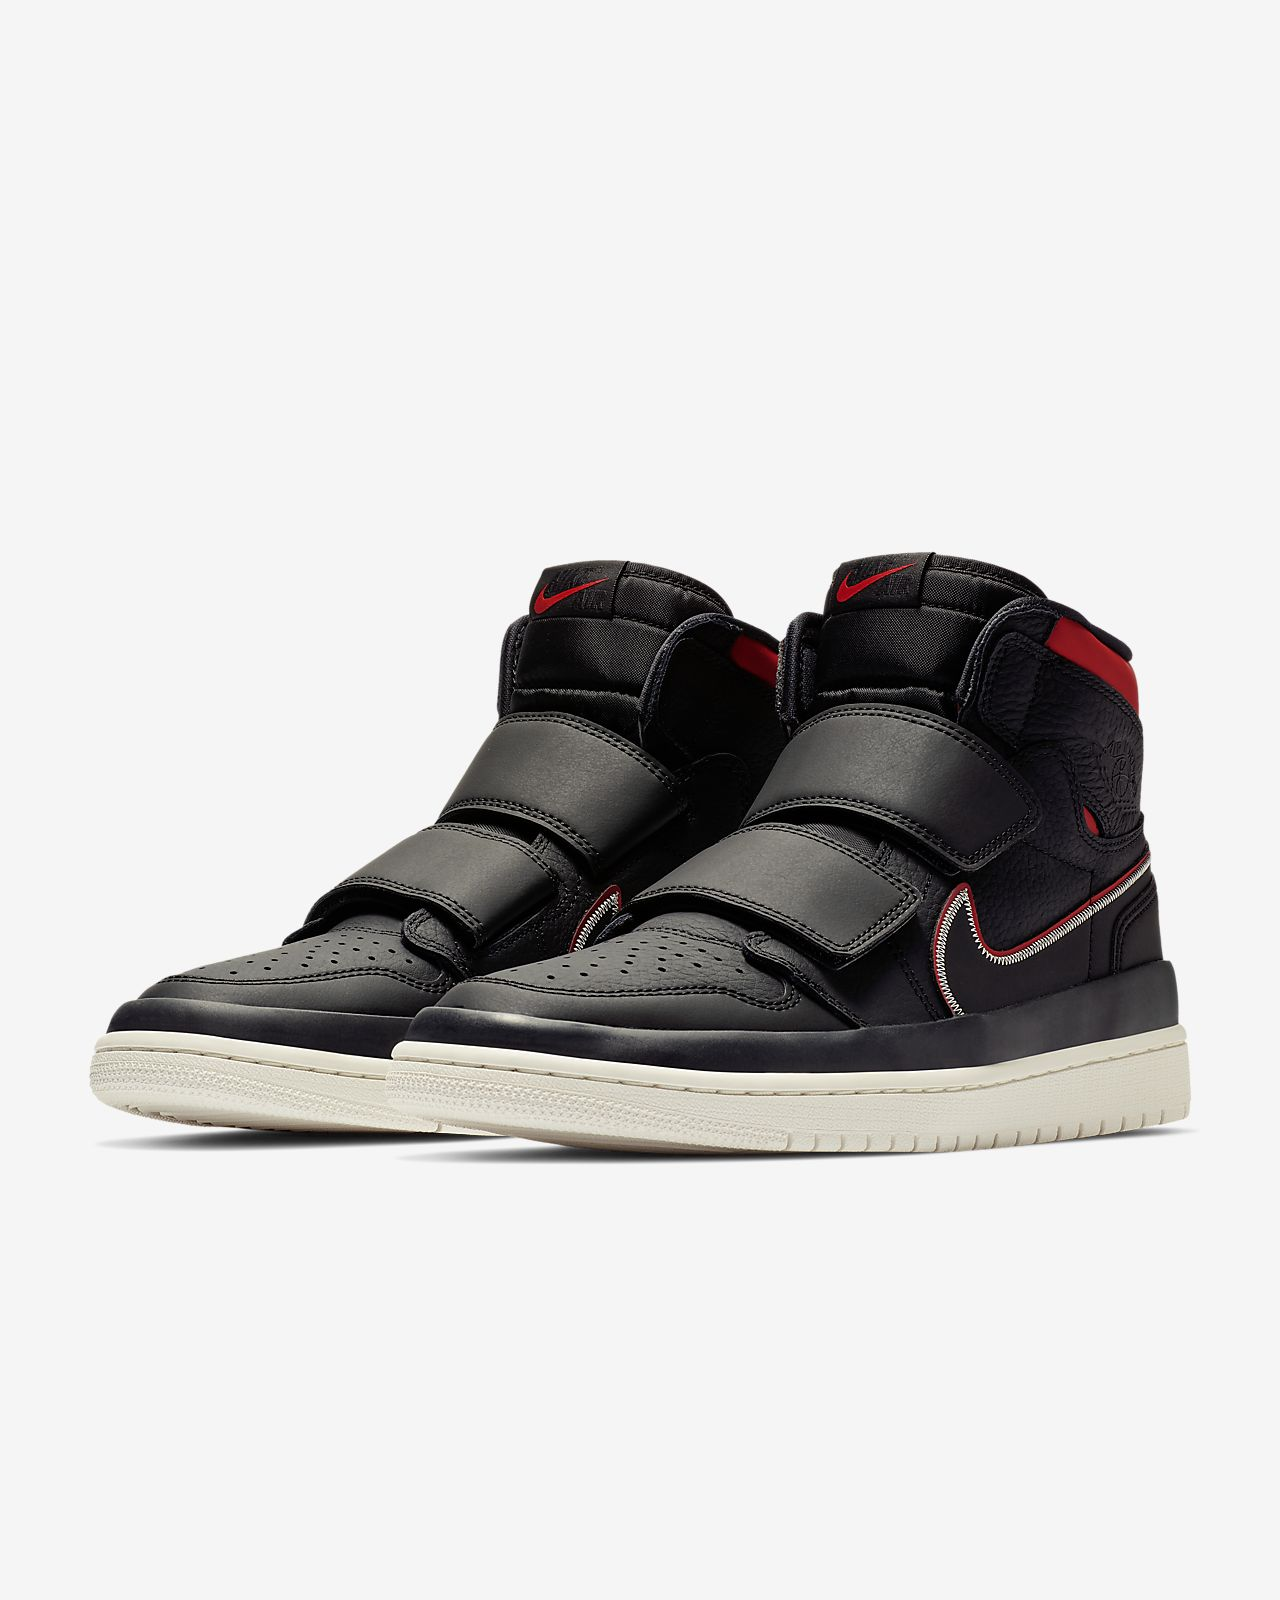 quality design f926c 74d4e ... Chaussure Air Jordan 1 Retro High Double Strap pour Homme